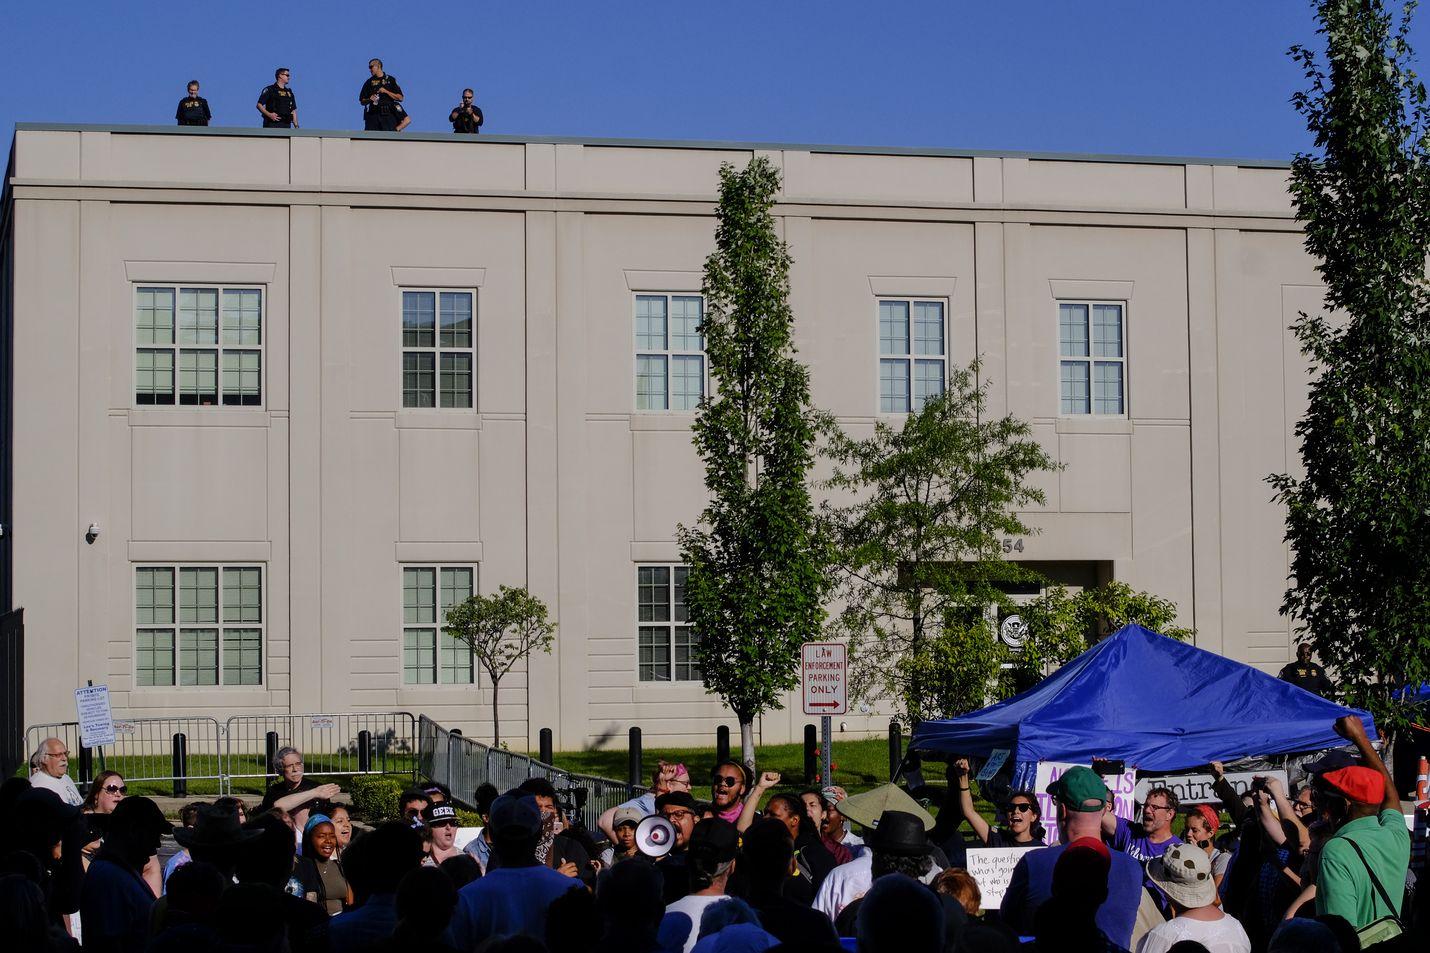 Rajaviranomaisten tekemät lisääntyneet kiinniotot herättivät protestiaallon viime kesänä Yhdysvalloissa. Ihmiset osoittivat mieltä rajanviranomaisten toimitilan edessä Louisvillessa Kentuckyssa viime heinäkuussa.